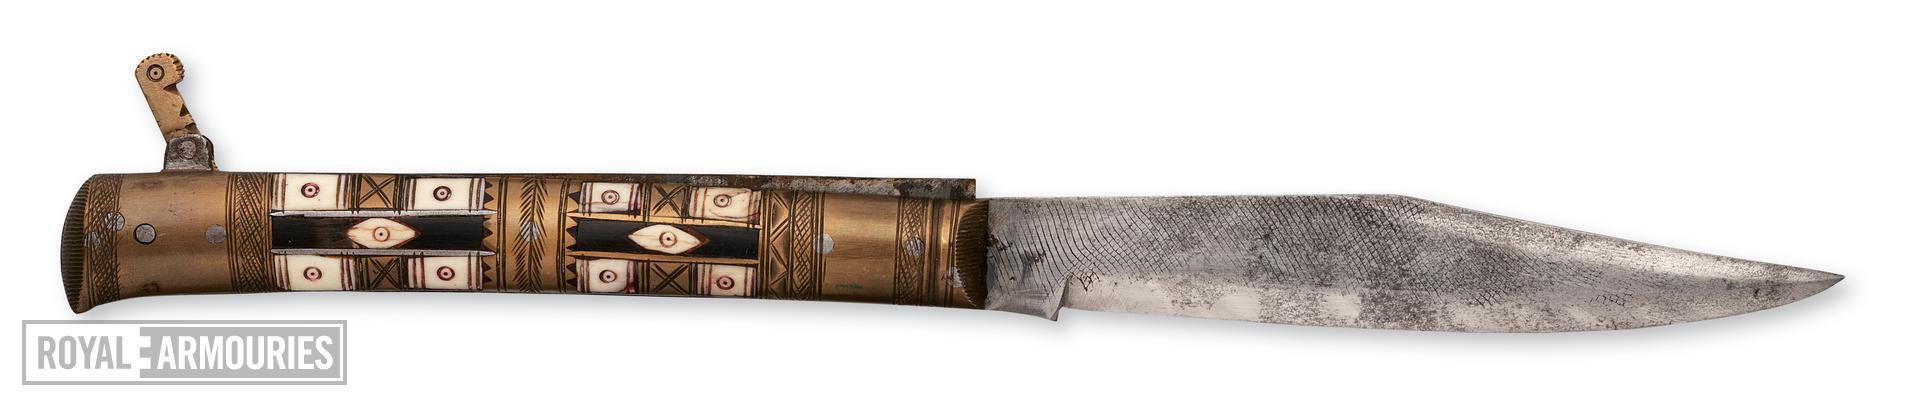 Knife Folding knife